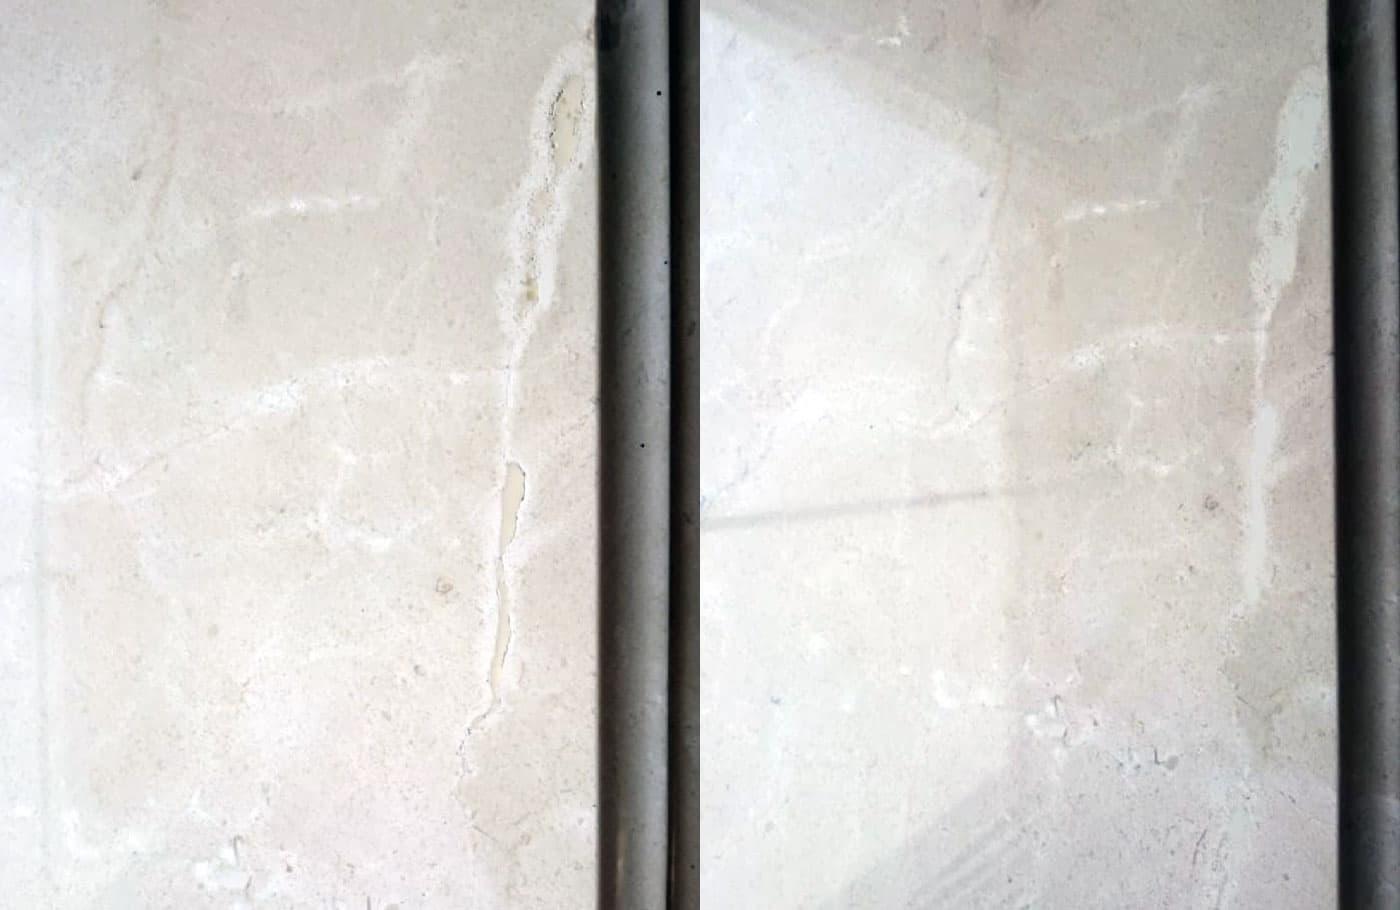 Реставрация подоконника из мрамора крема марфил